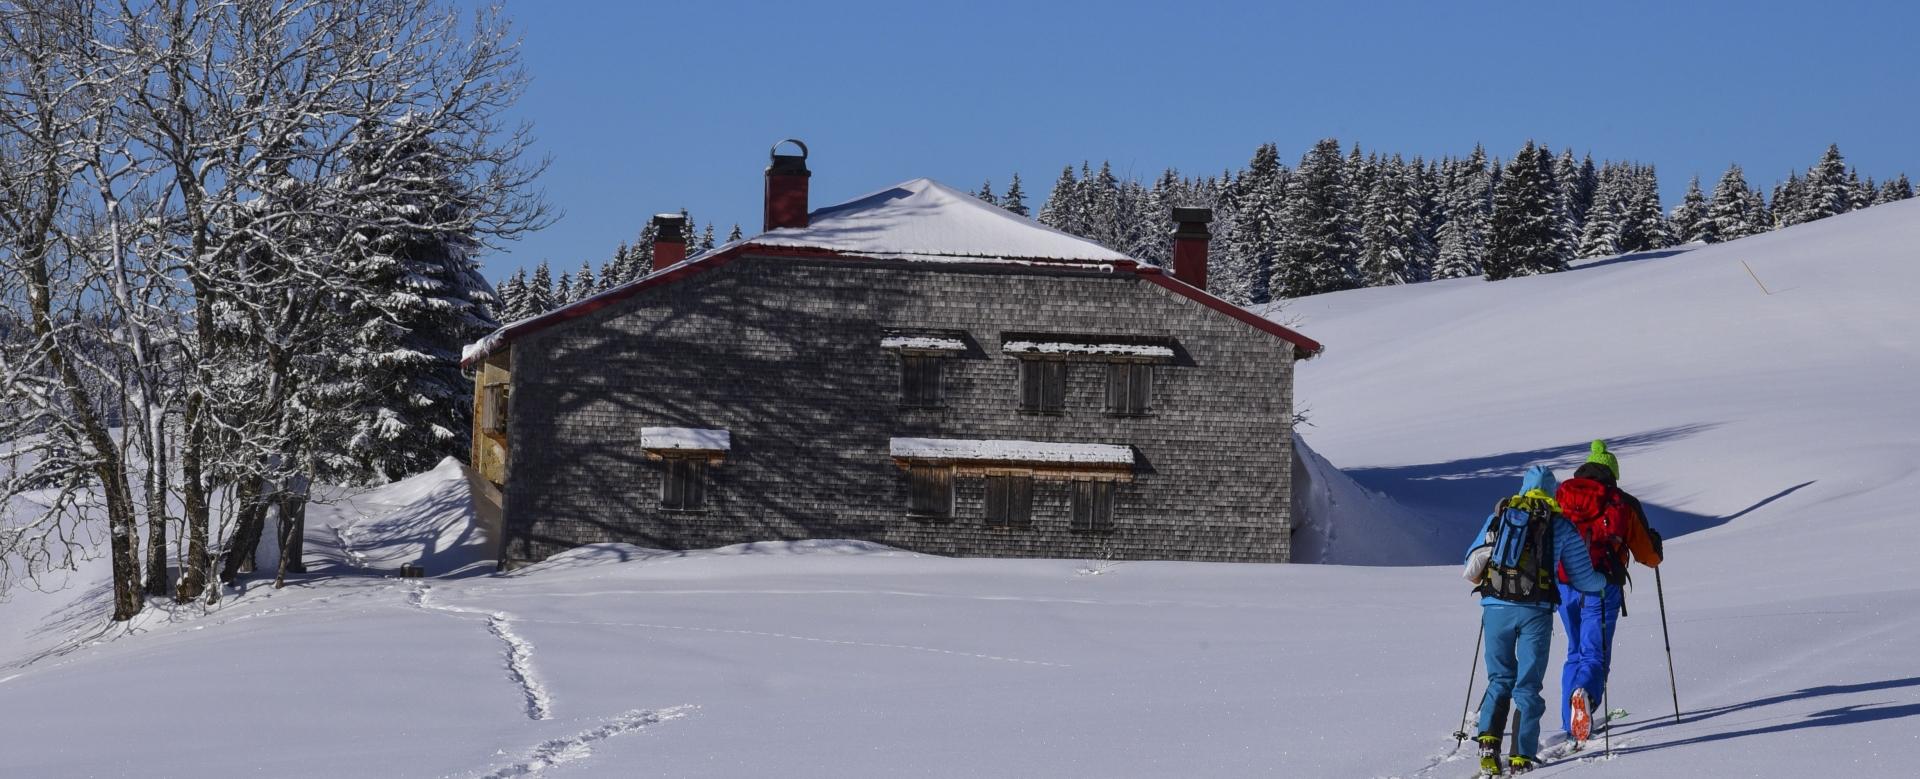 Voyage à la neige : Ski nordique dans le jura